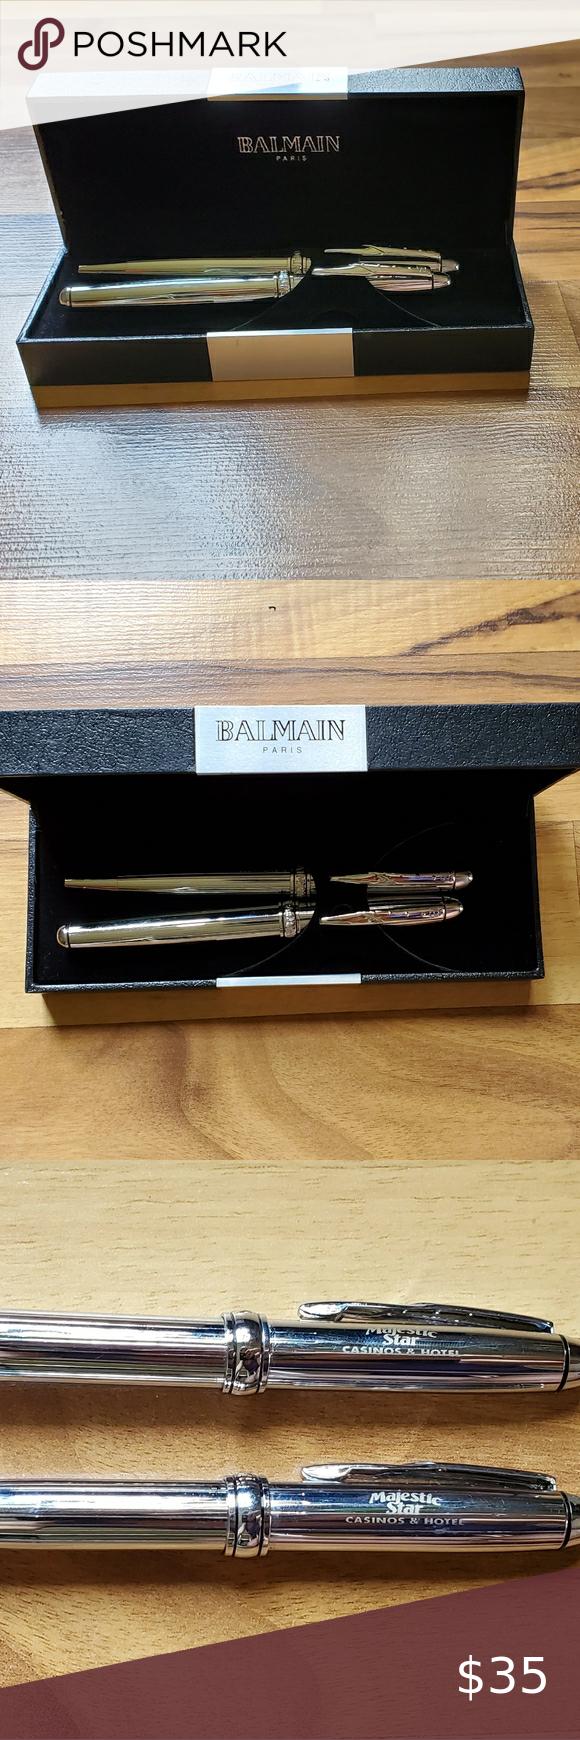 rare ..super vintage condition no box Pierre Balmain PARIS gold and silver ballpoint pen